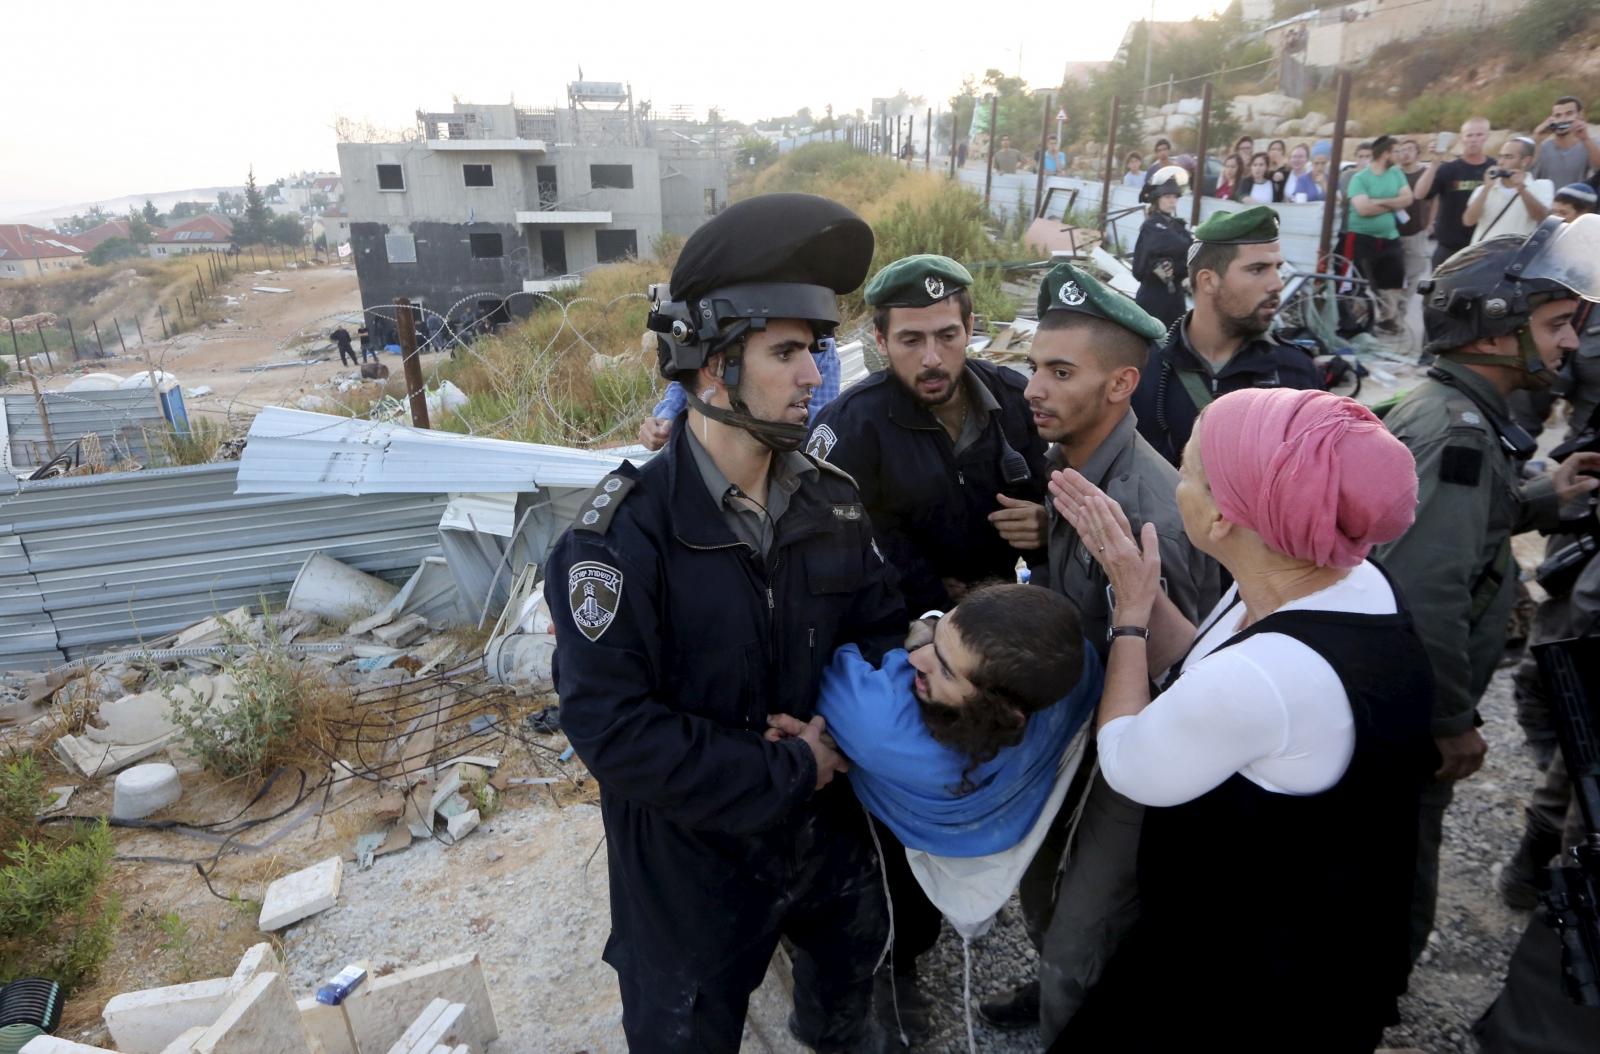 Israel Beit El settlement